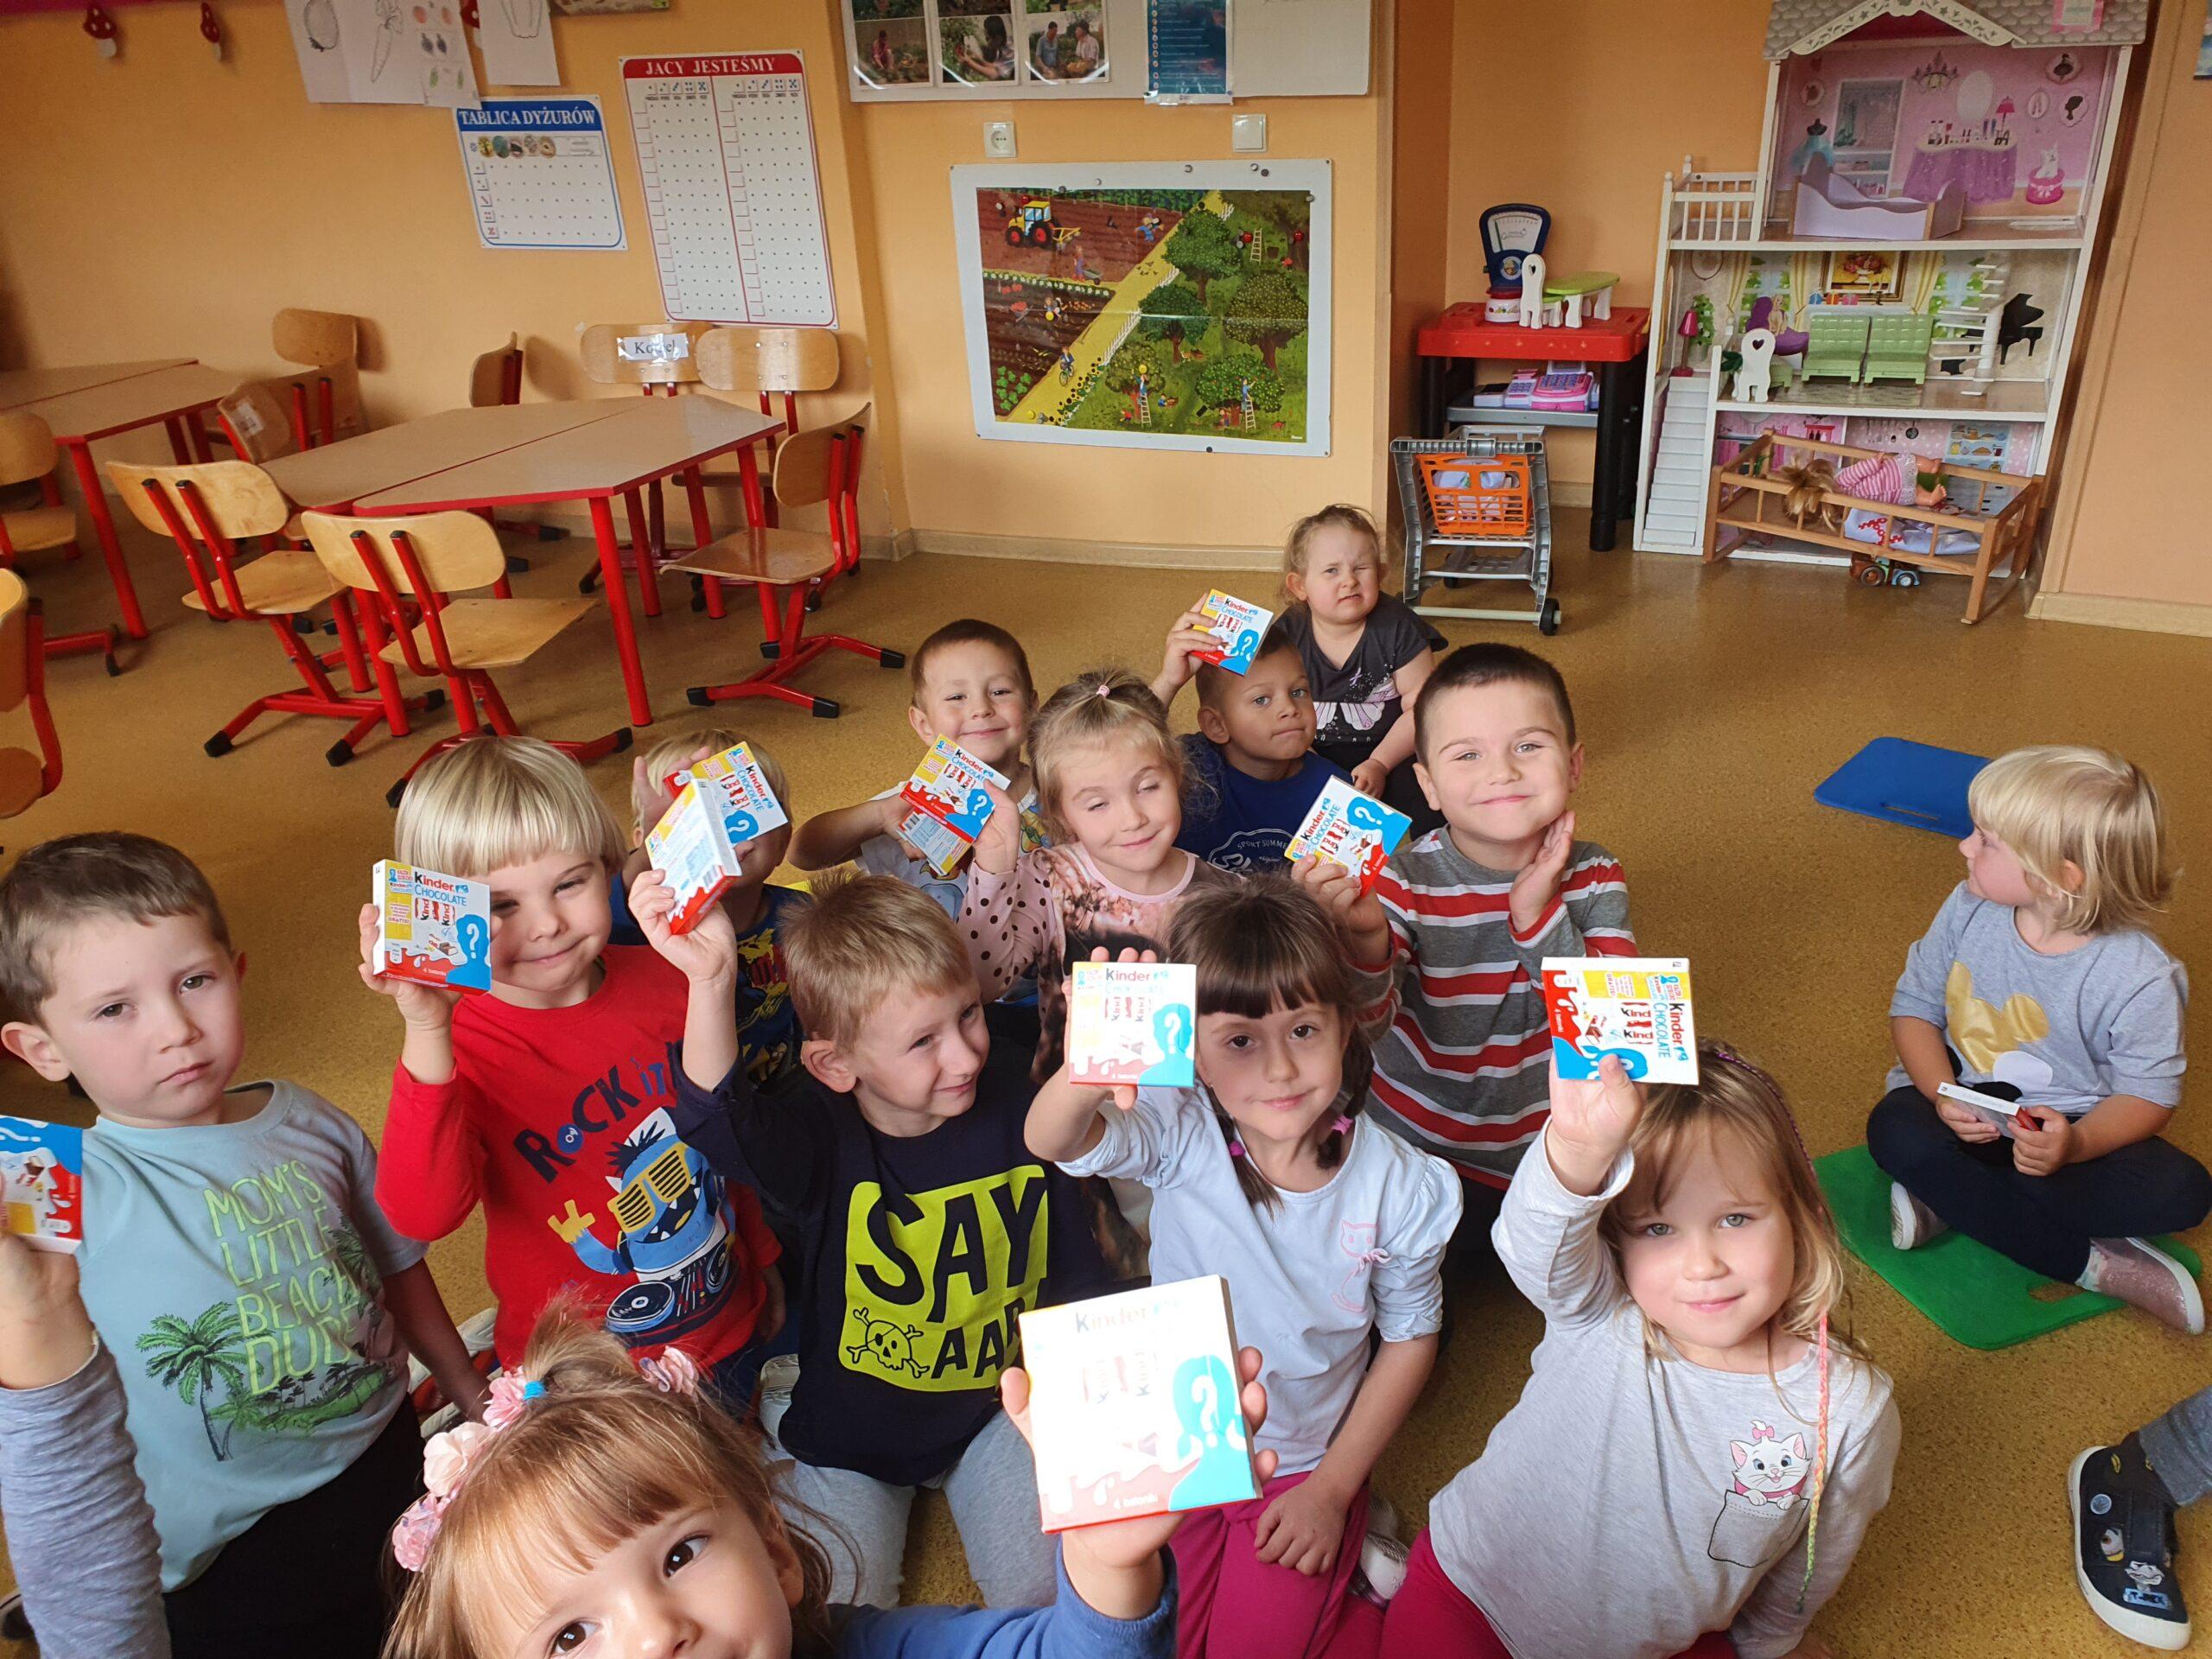 dzieci pozują do zdjęcia i pokazują otrzymane czekoladki